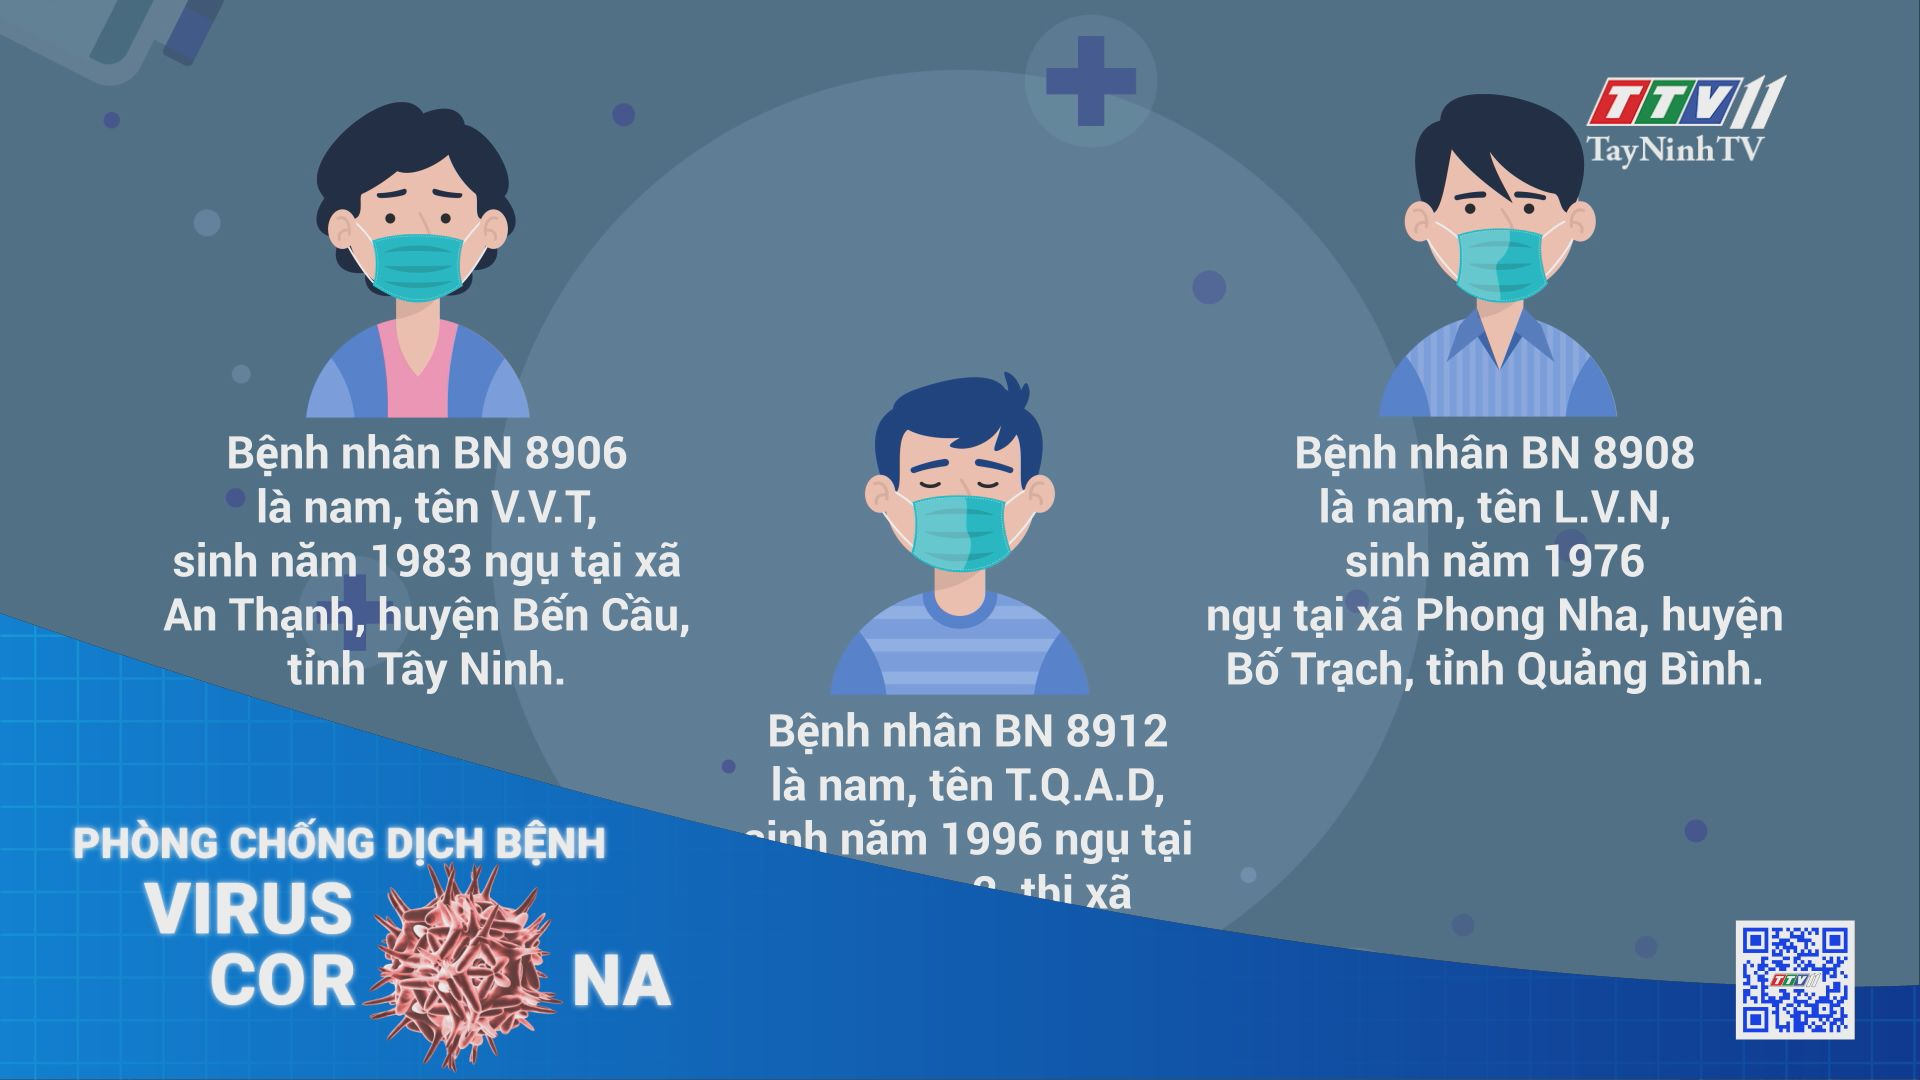 Ngày 07/6 thêm 03 trường hợp nhập cảnh tại Tây Ninh mắc Covid-19 | THÔNG TIN DỊCH CÚM COVID-19 | TayNinhTV